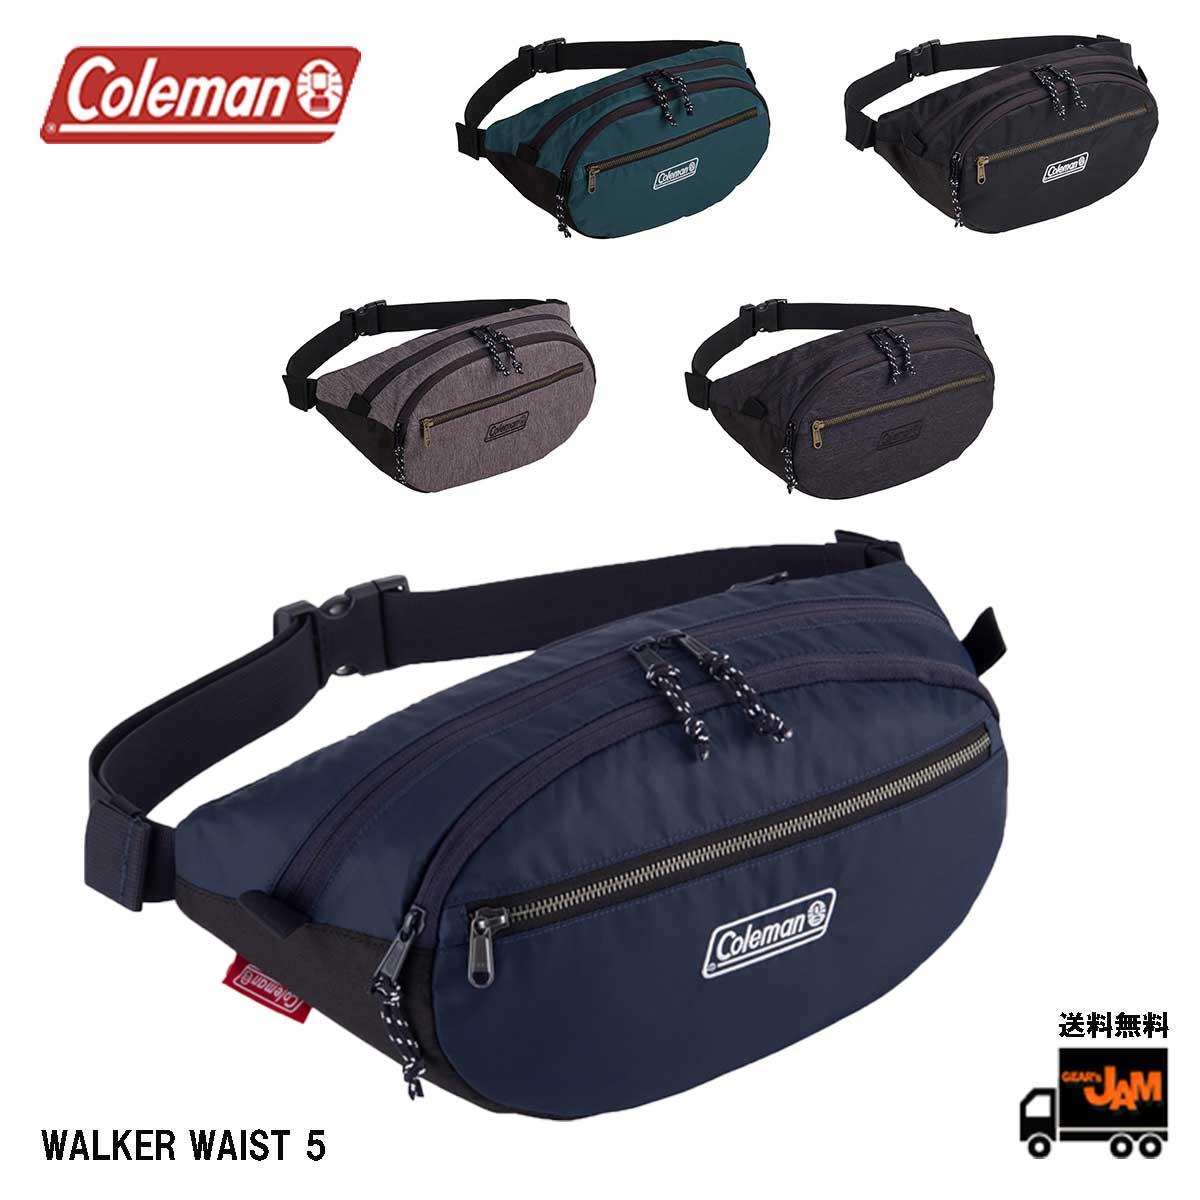 Coleman コールマン WALKER WAIST 無料 5 ウォーカーウエスト5 アウトドア ヒップバッグ 送料無料 レディース ウエスト セール ボディ 5L メンズ